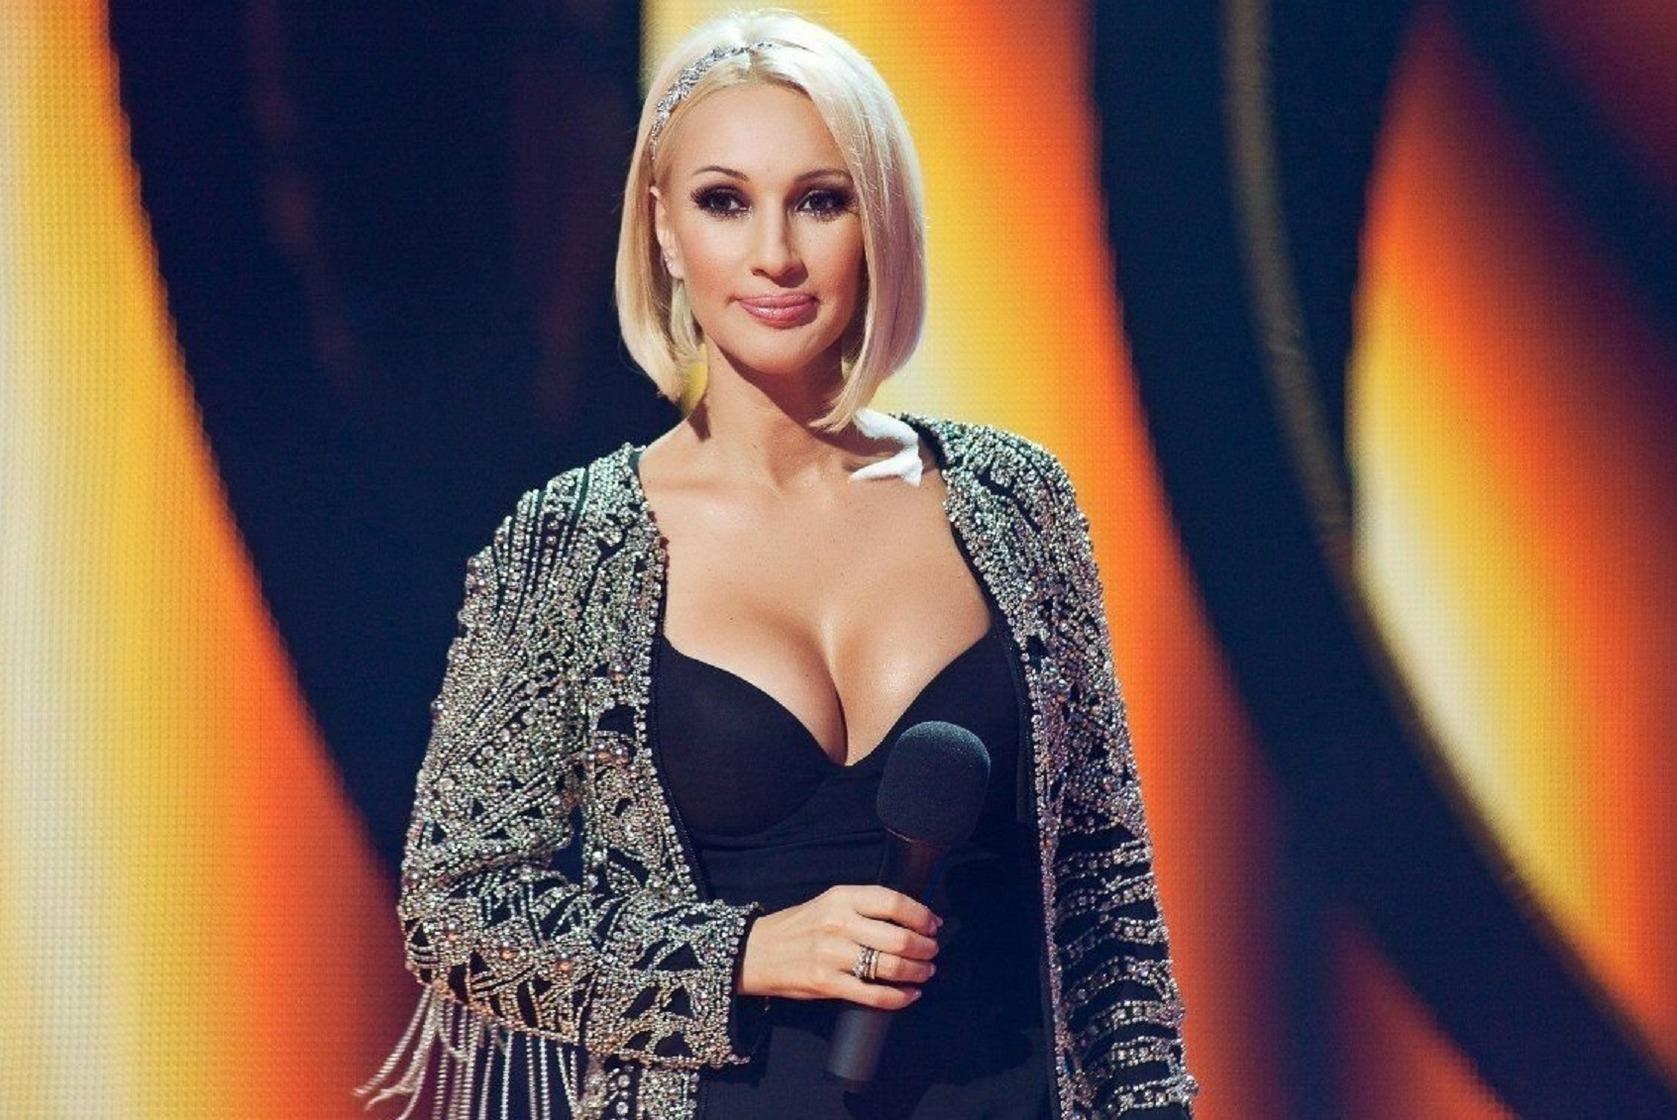 Лера Кудрявцева рассказала, как как муж воспринял удаление грудных имплантов